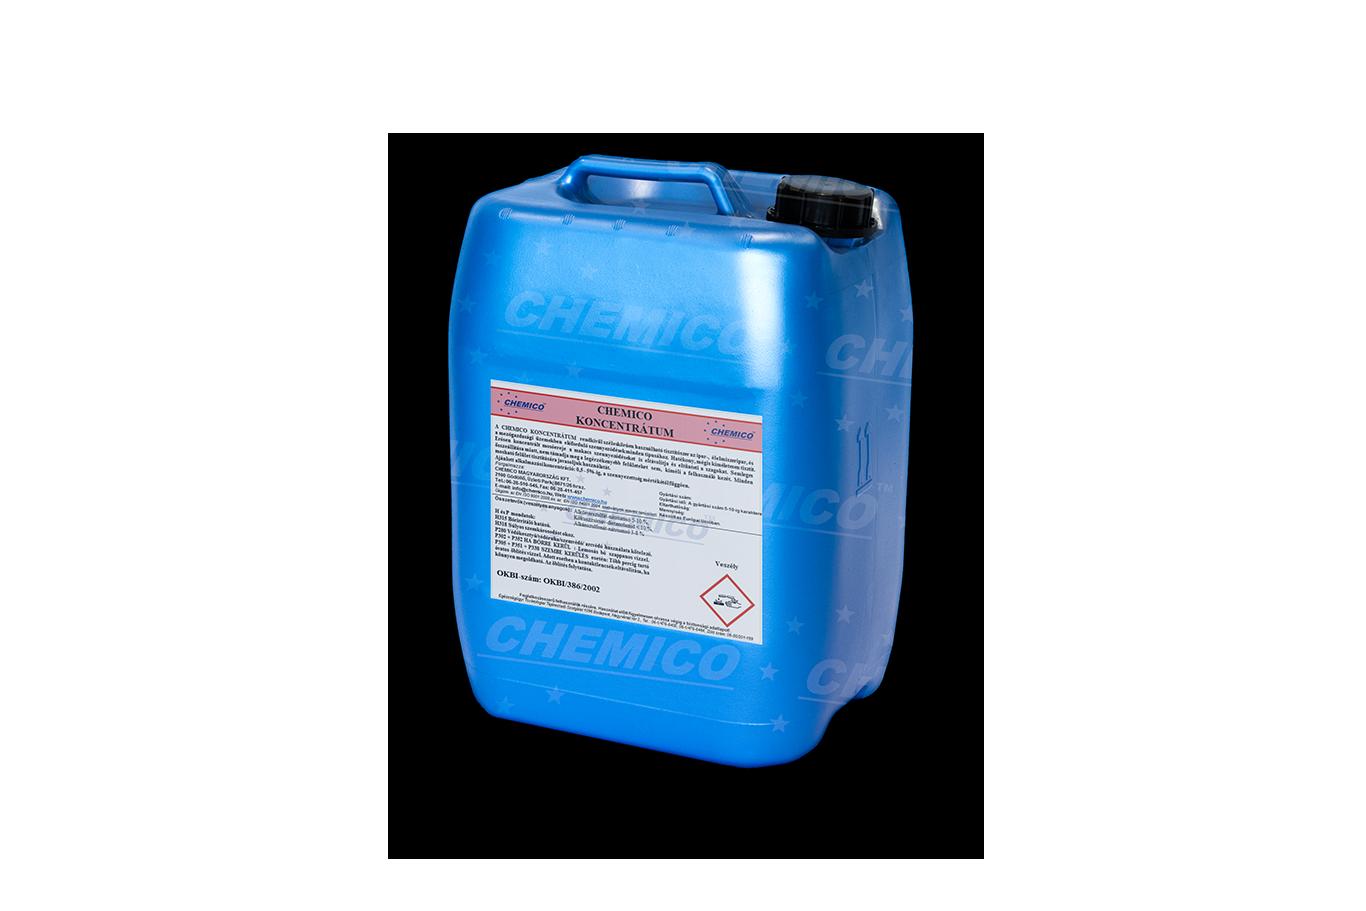 chemico-koncentratum-altalanos-illatos-tisztito-ipari-chemico-semleges-20l